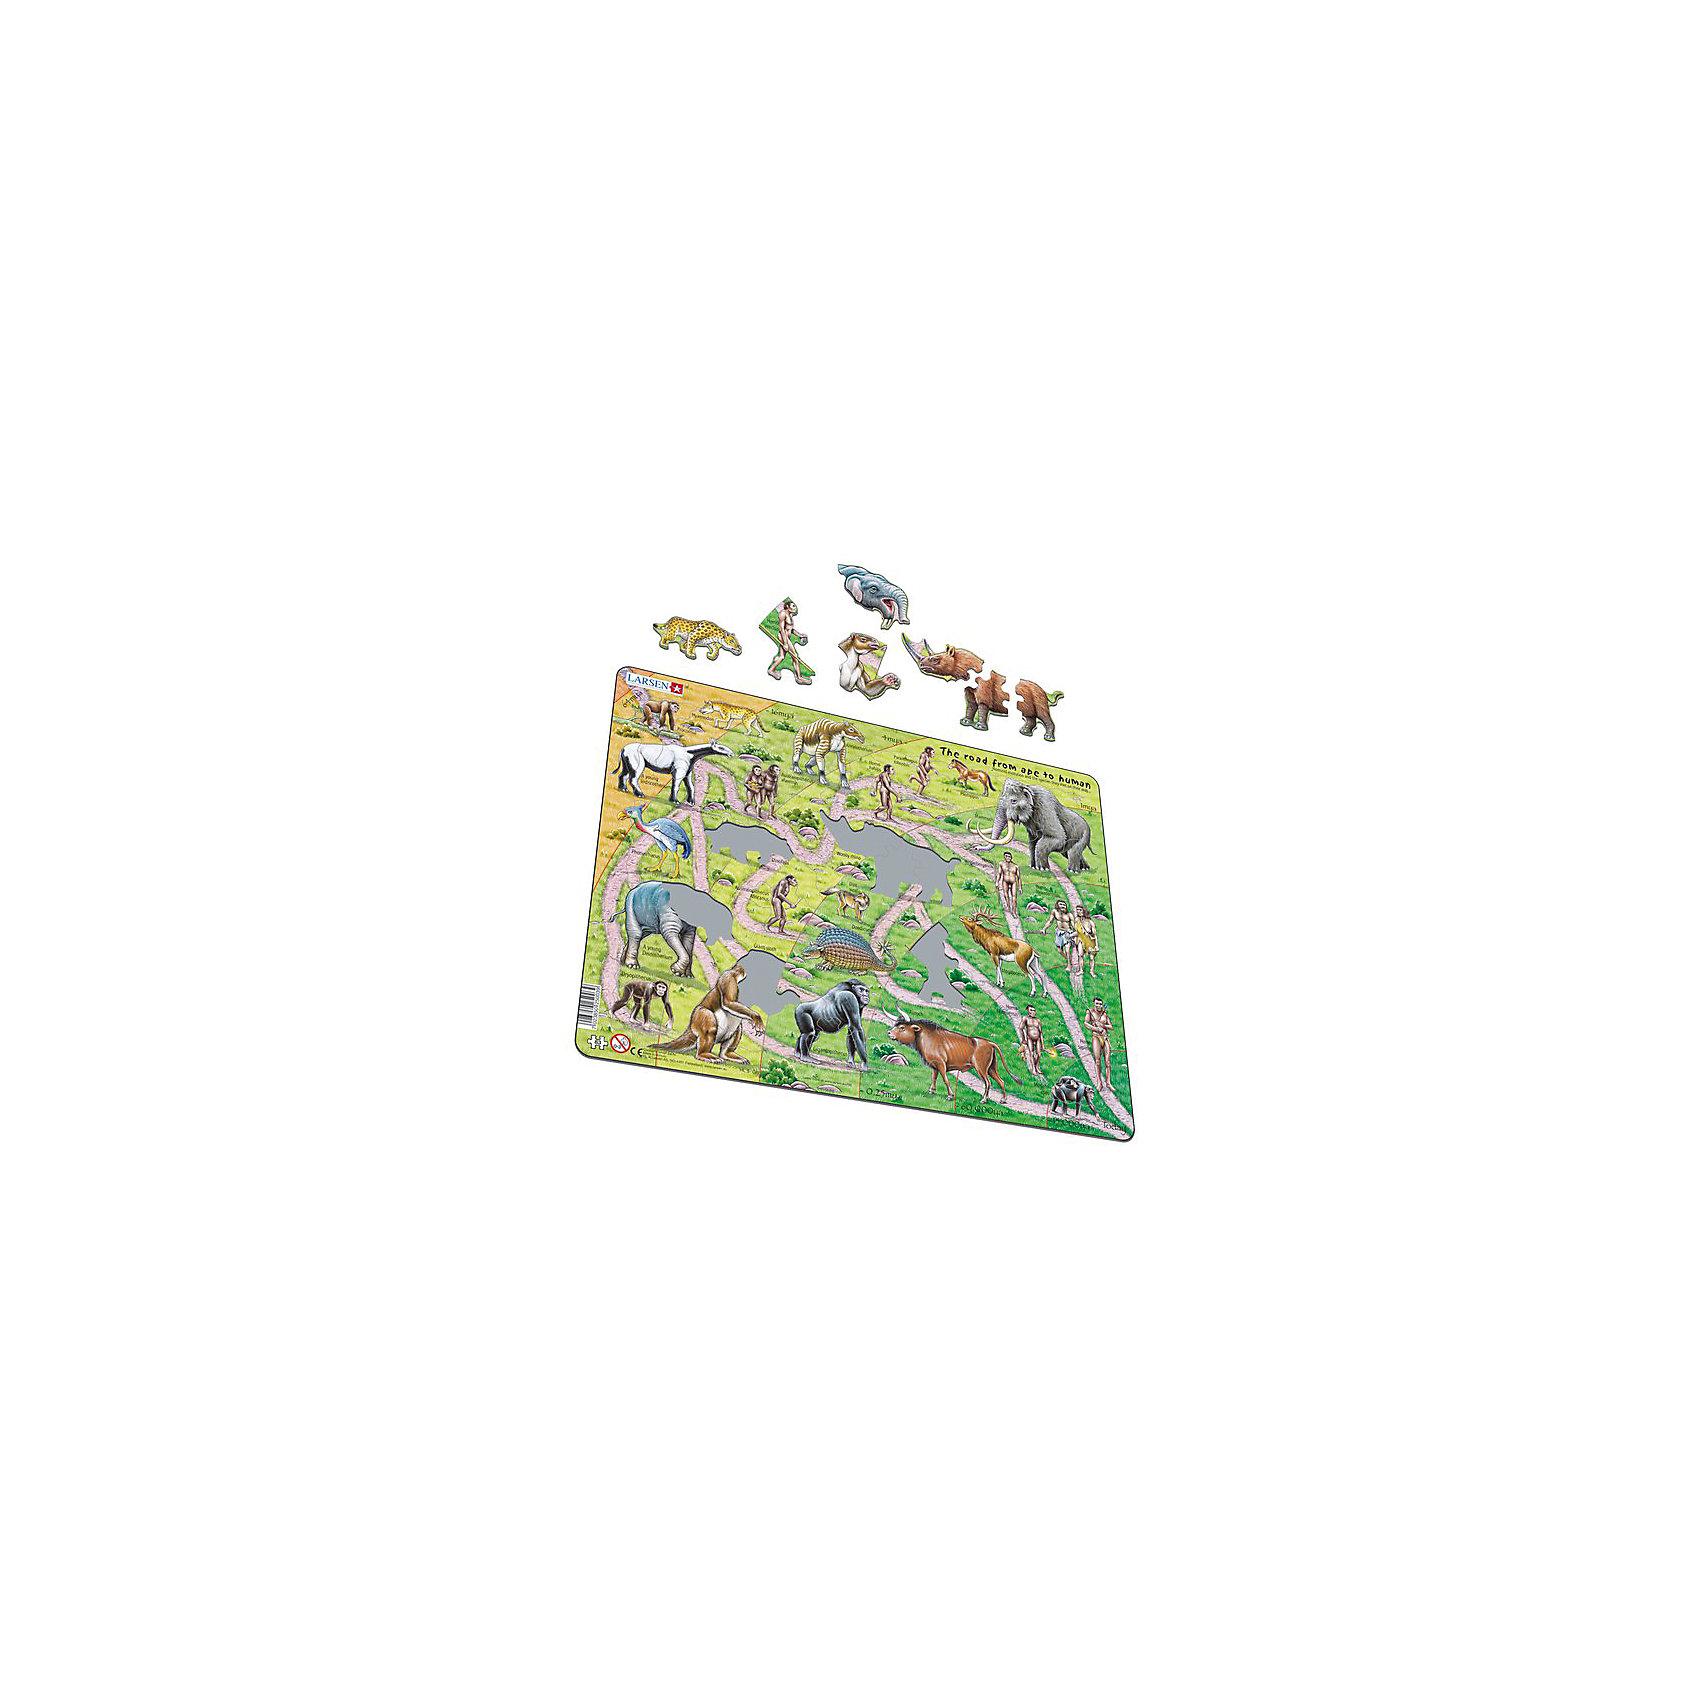 Пазл От обезьяны до человека, 83 детали, LarsenПазлы для малышей<br>Пазлы Ларсен - это прежде всего обучающие пазлы. Многообразие форм вырубки и различные размеры отдельных элементов способствуют развитию мелкой моторики у малышей. Сделанные из высококачественного трехслойного картона, они не деформируются и легко берутся в руки. Все пазлы снабжены специальной подложкой, благодаря чему их удобно собирать.<br><br>Яркие и оригинальные пазлы норвежского бренда Ларсен радуют детей и взрослых. Каждый пазл - настоящая картина, которую необходимо собрать, чтобы восхищаться удивительными животными и птицами. Пазл от обезьяны до человека рассказывает об истории происхождения жизни на земле.<br><br>Пазлы Ларсен всесторонне влияют на развитие малыша. В процессе игры с мелкими деталями развивается моторика пальчиков, красочные картинки стимулируют воображение, мышление и память.<br><br>В наборе: 83 элемента пазла.<br><br>Ширина мм: 365<br>Глубина мм: 5<br>Высота мм: 285<br>Вес г: 320<br>Возраст от месяцев: 36<br>Возраст до месяцев: 1188<br>Пол: Унисекс<br>Возраст: Детский<br>SKU: 4761482